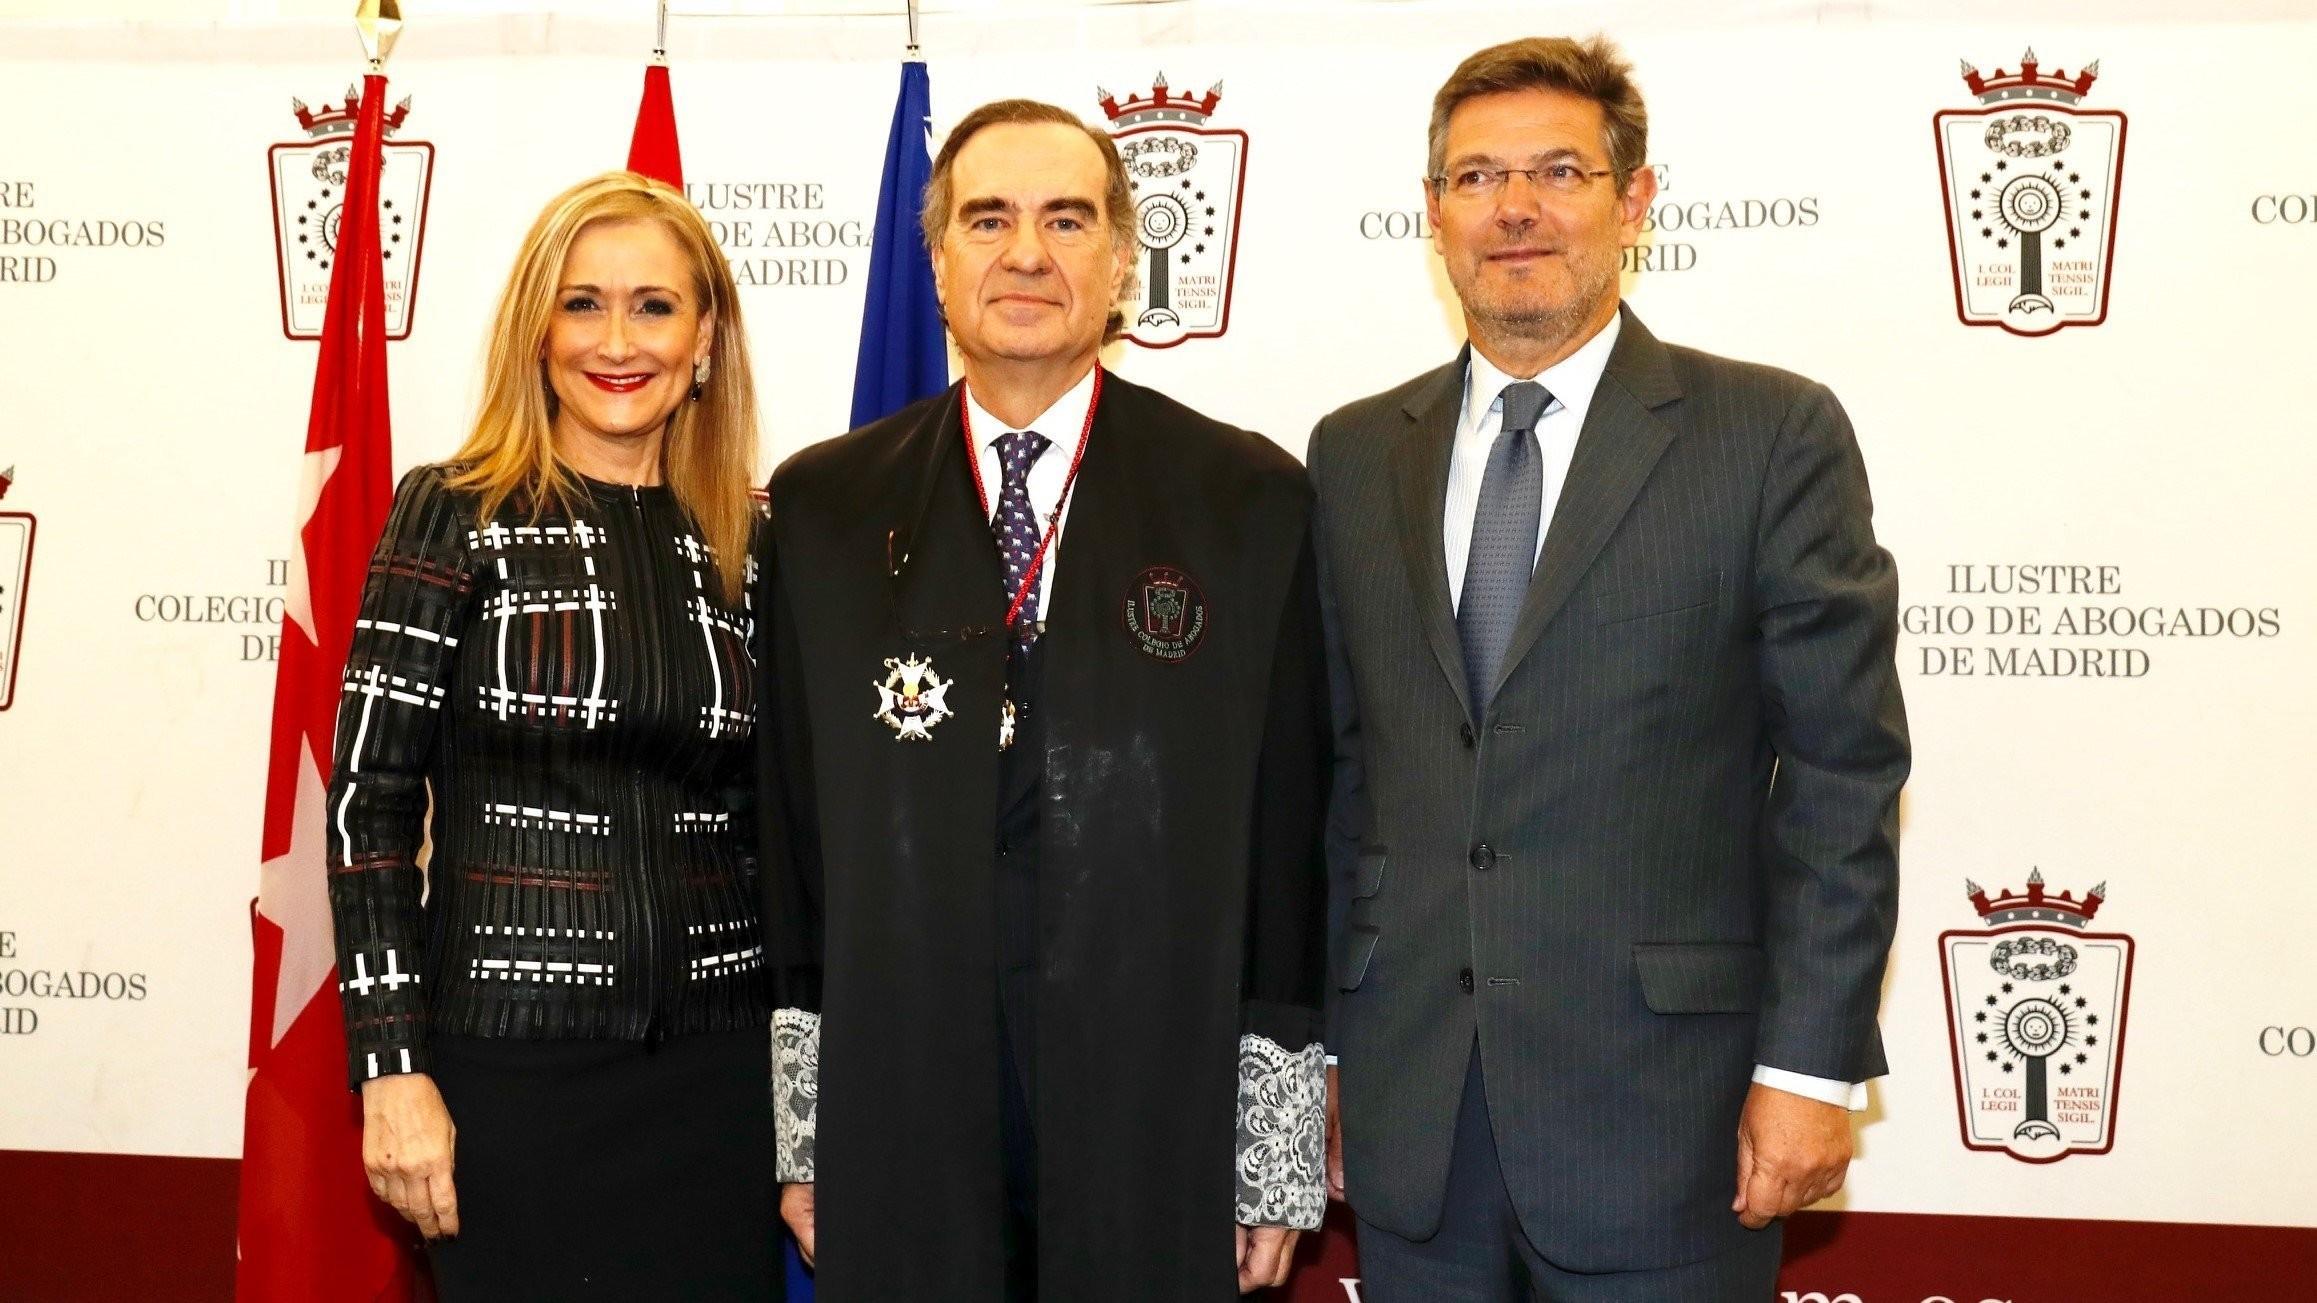 El decano de los abogados de Madrid se convierte en Barcelona en Josep Maria A. Puig